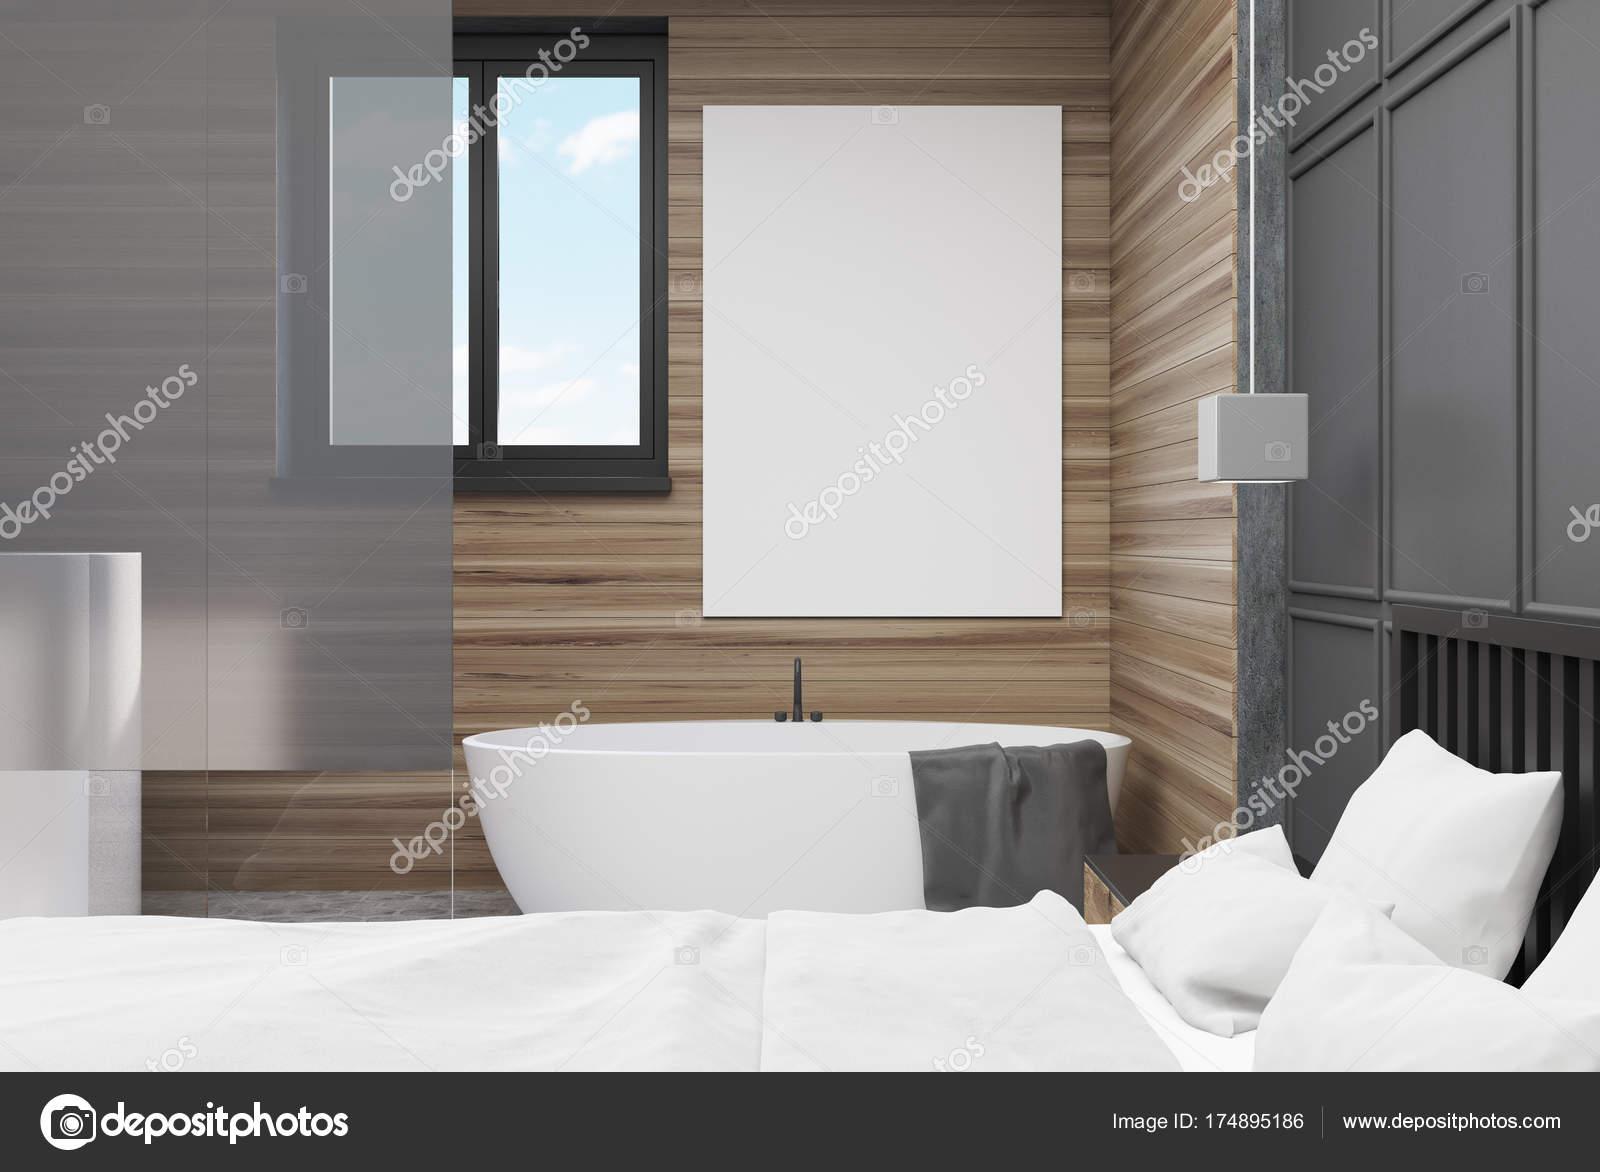 Seite Grau Und Holz Schlafzimmer, Badezimmer, Poster U2014 Stockfoto